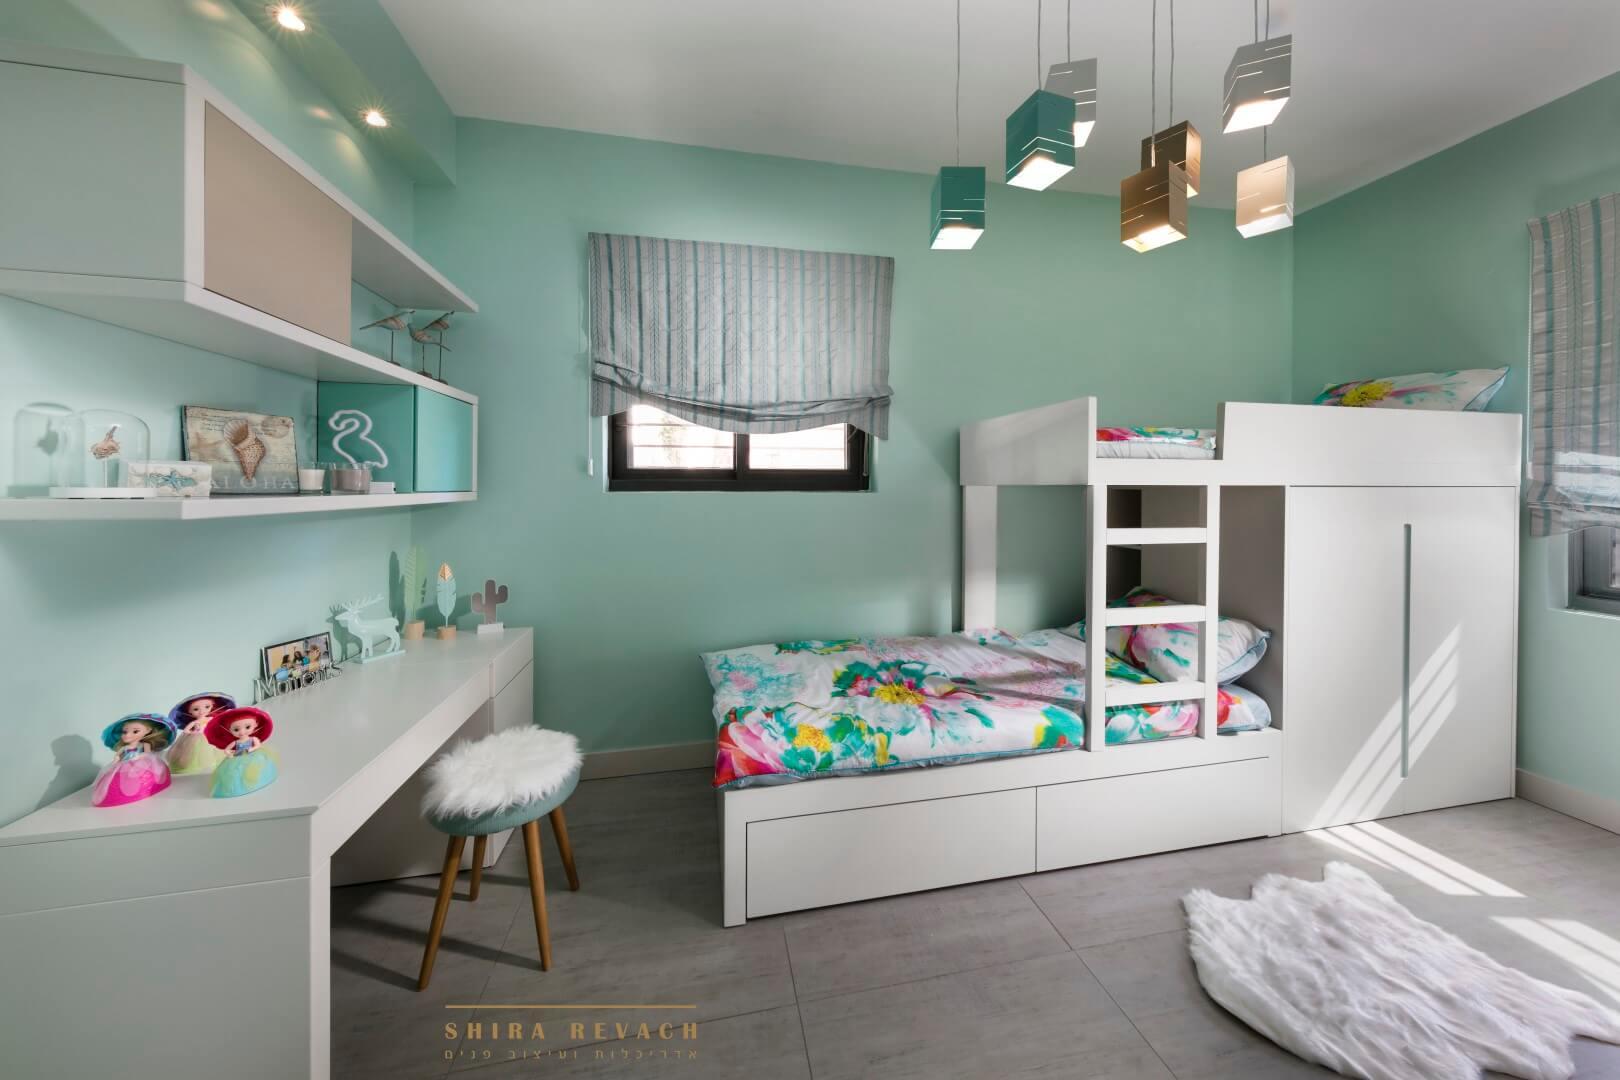 ריצוף אריחי ענק לחדר שינה